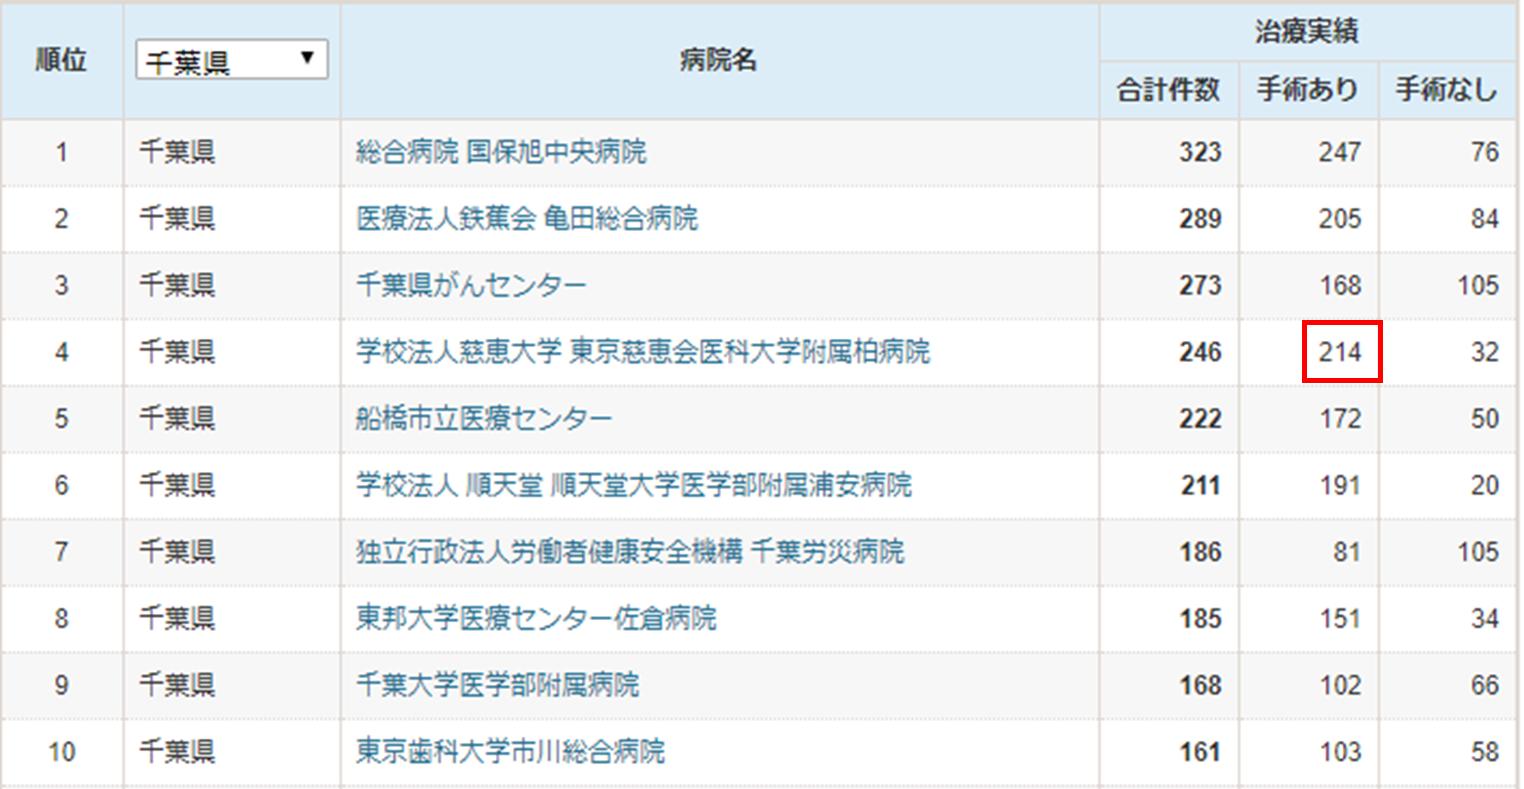 手術件数は第2位、そのうち膀胱全摘術33件は千葉県No.1です。